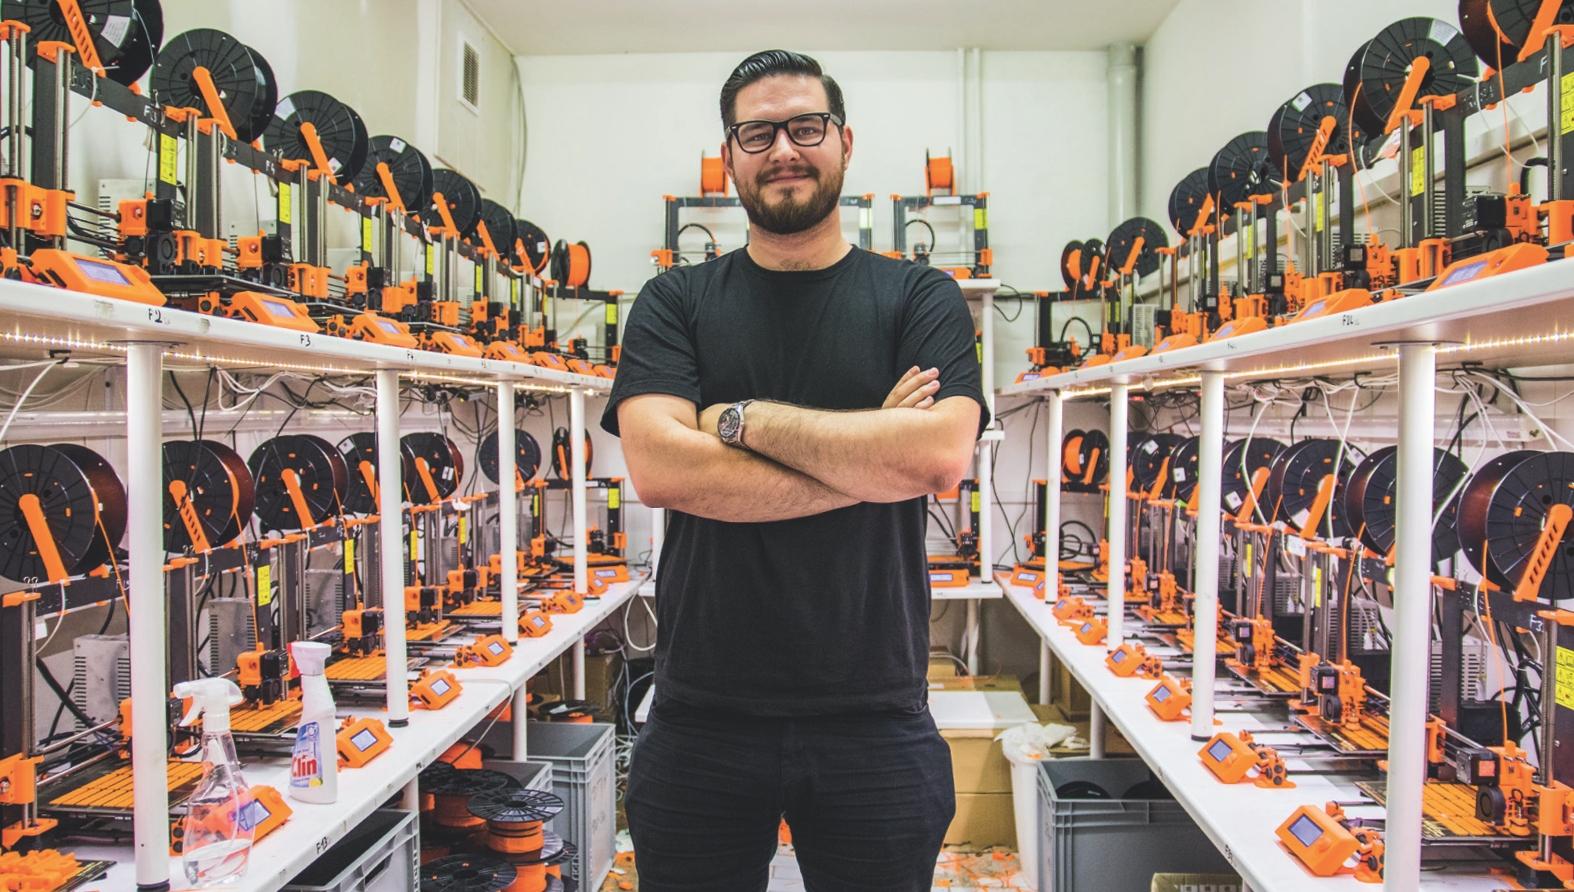 Český kutil dobývá svět s levnou 3D tiskárnou (rozhovor)